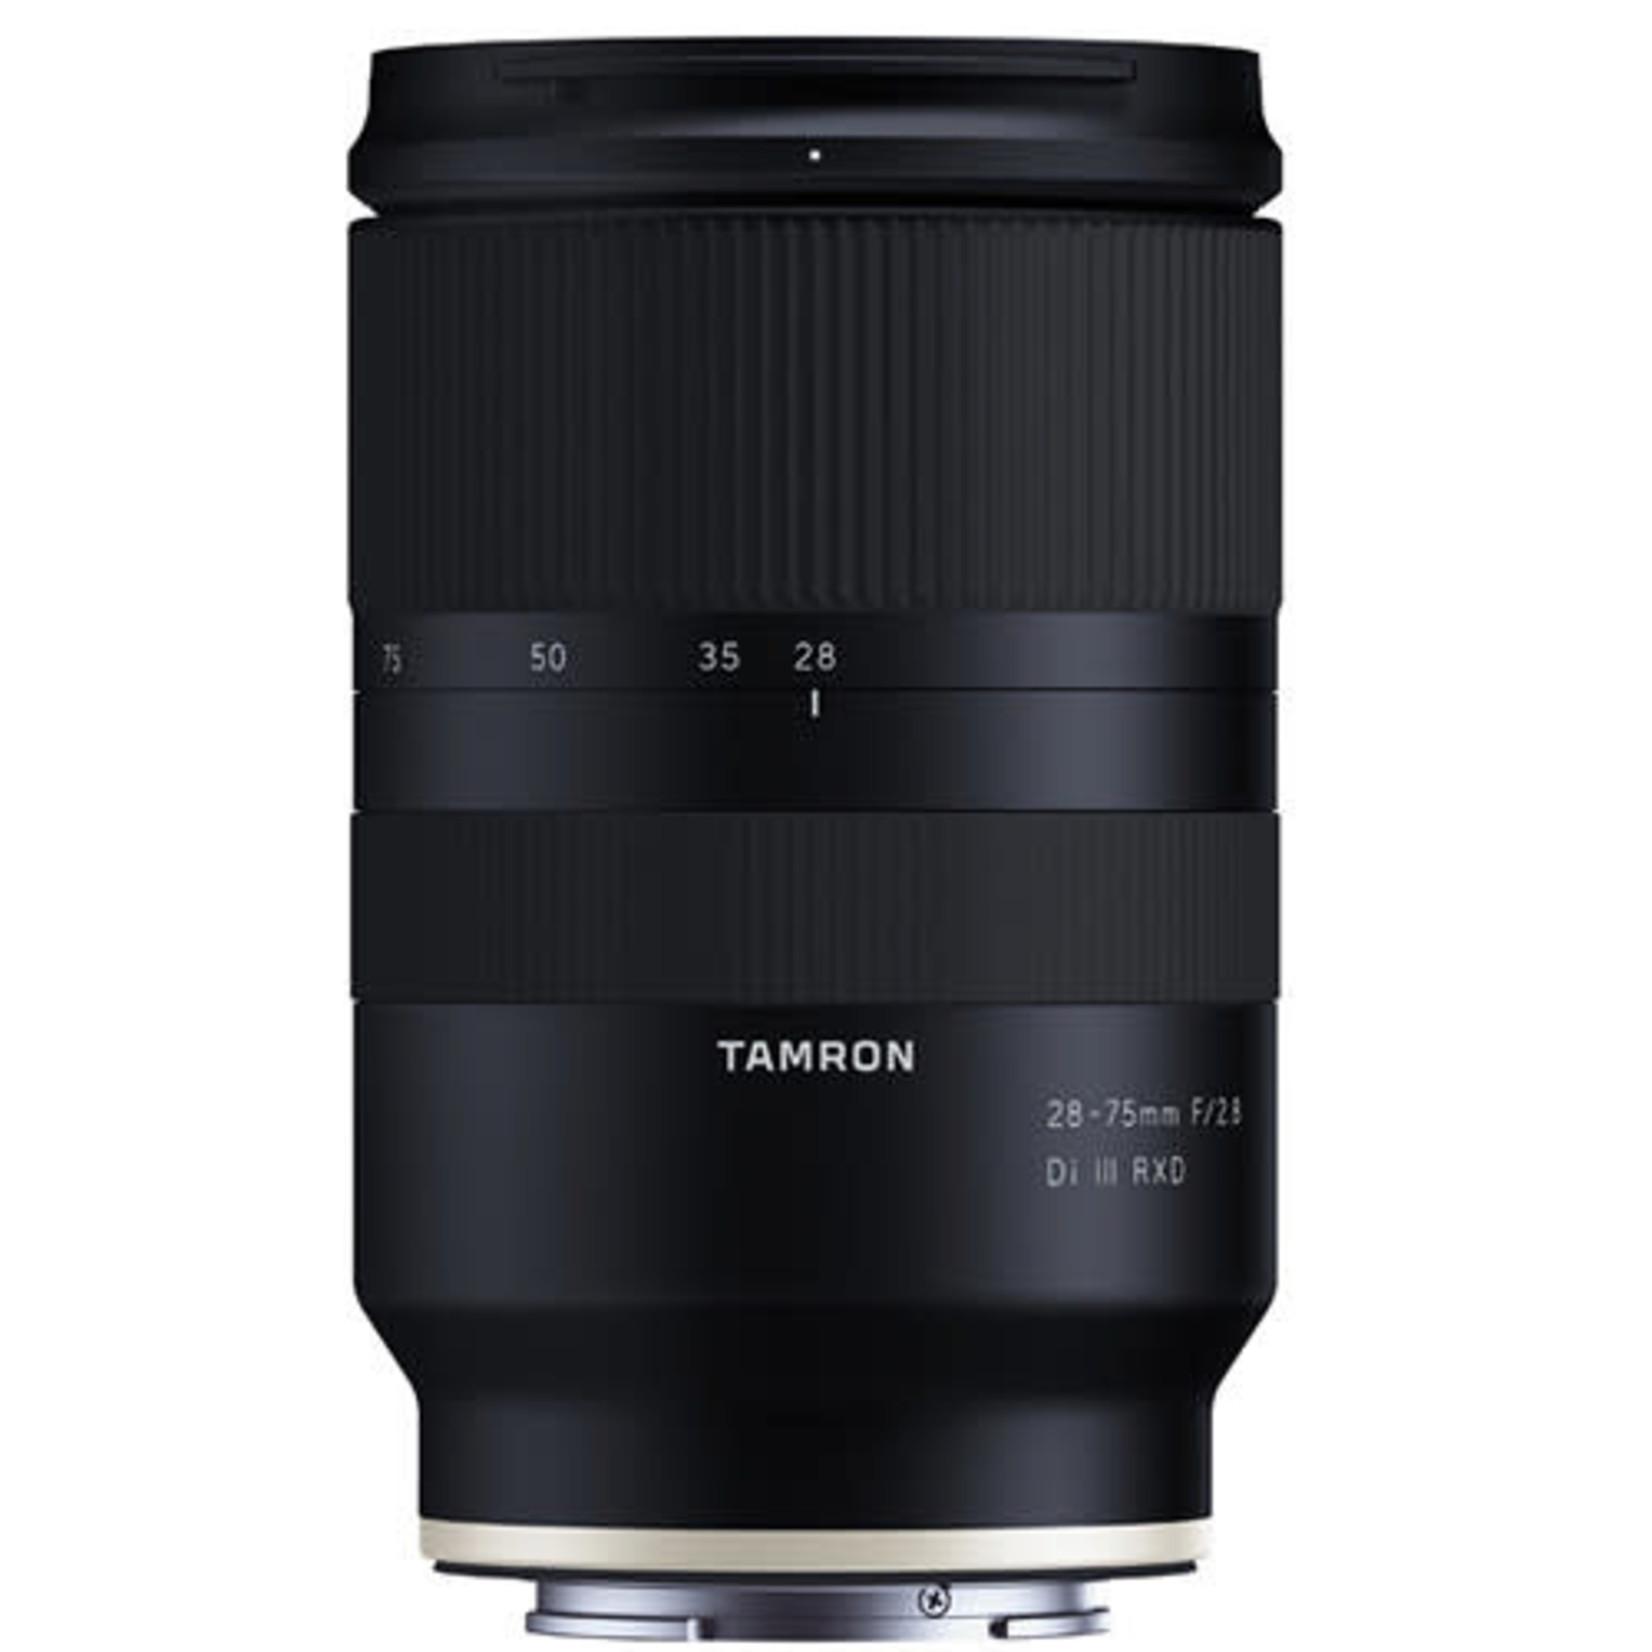 Tamron Tamron 28-75mm F/2.8 Di III RXD